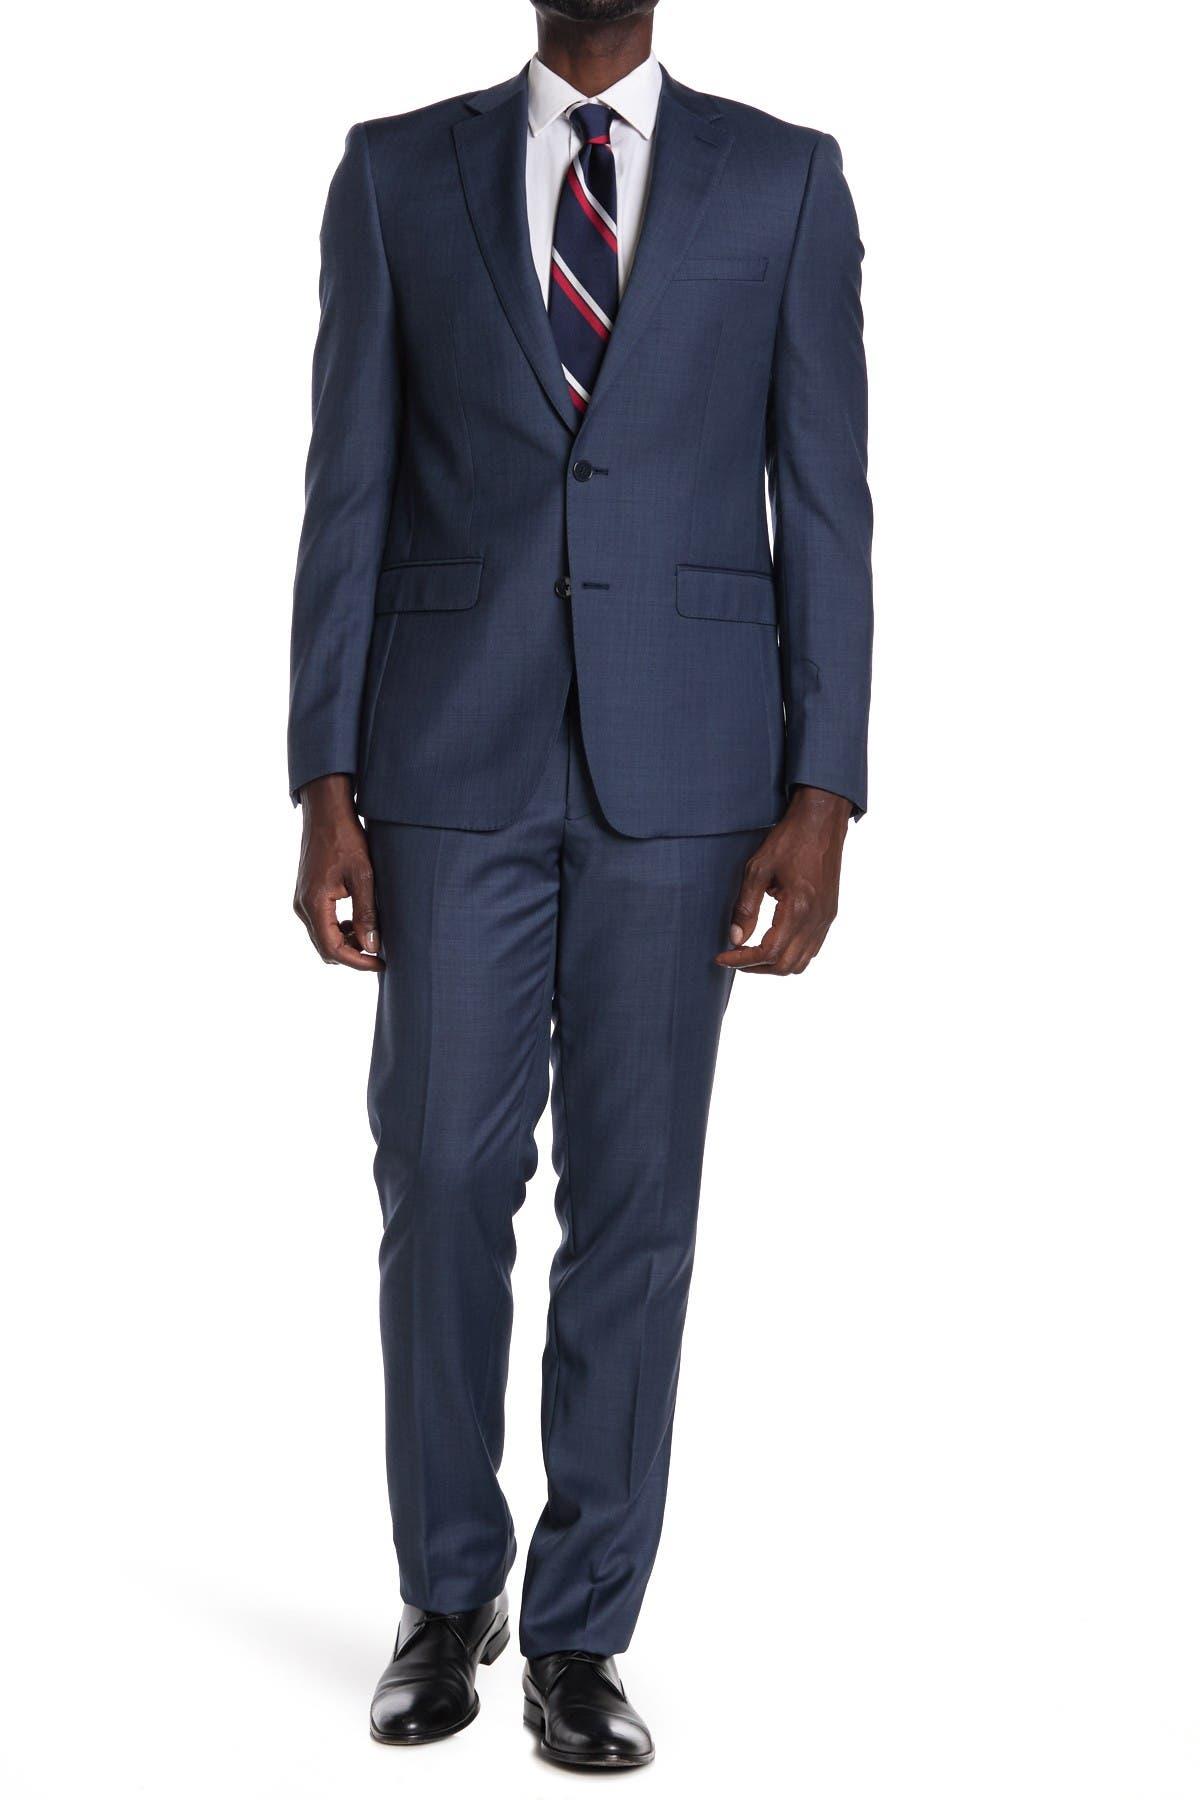 Image of Calvin Klein Blue Plaid Wool Two Button Notch Lapel Suit